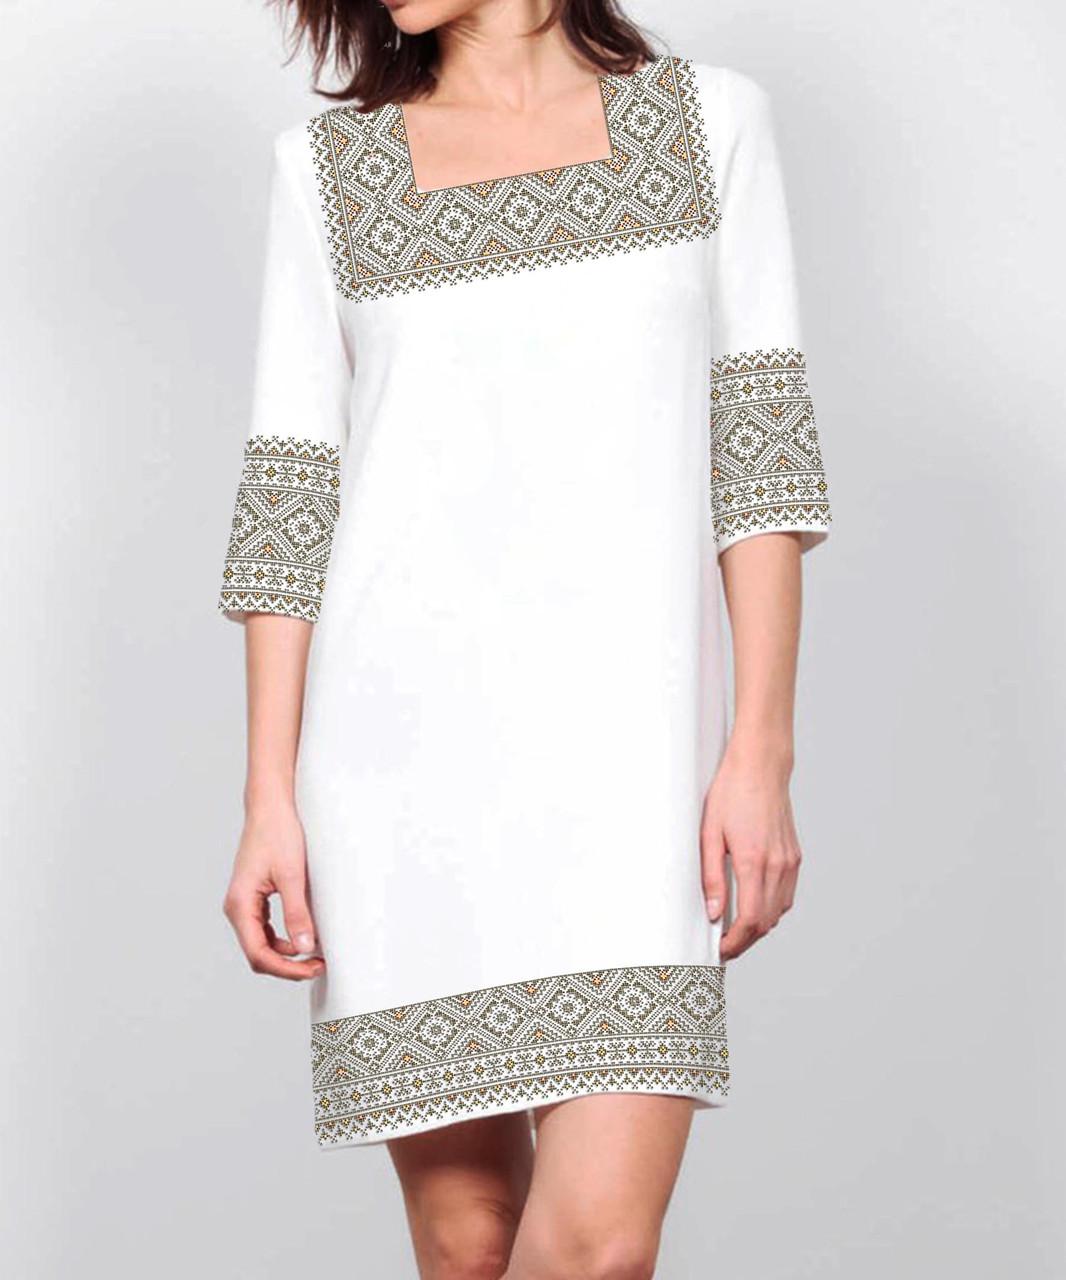 Заготовка жіночого плаття чи сукні для вишивки та вишивання бісером Бисерок  «Сірий орнамент 72 С» (П-72 С )